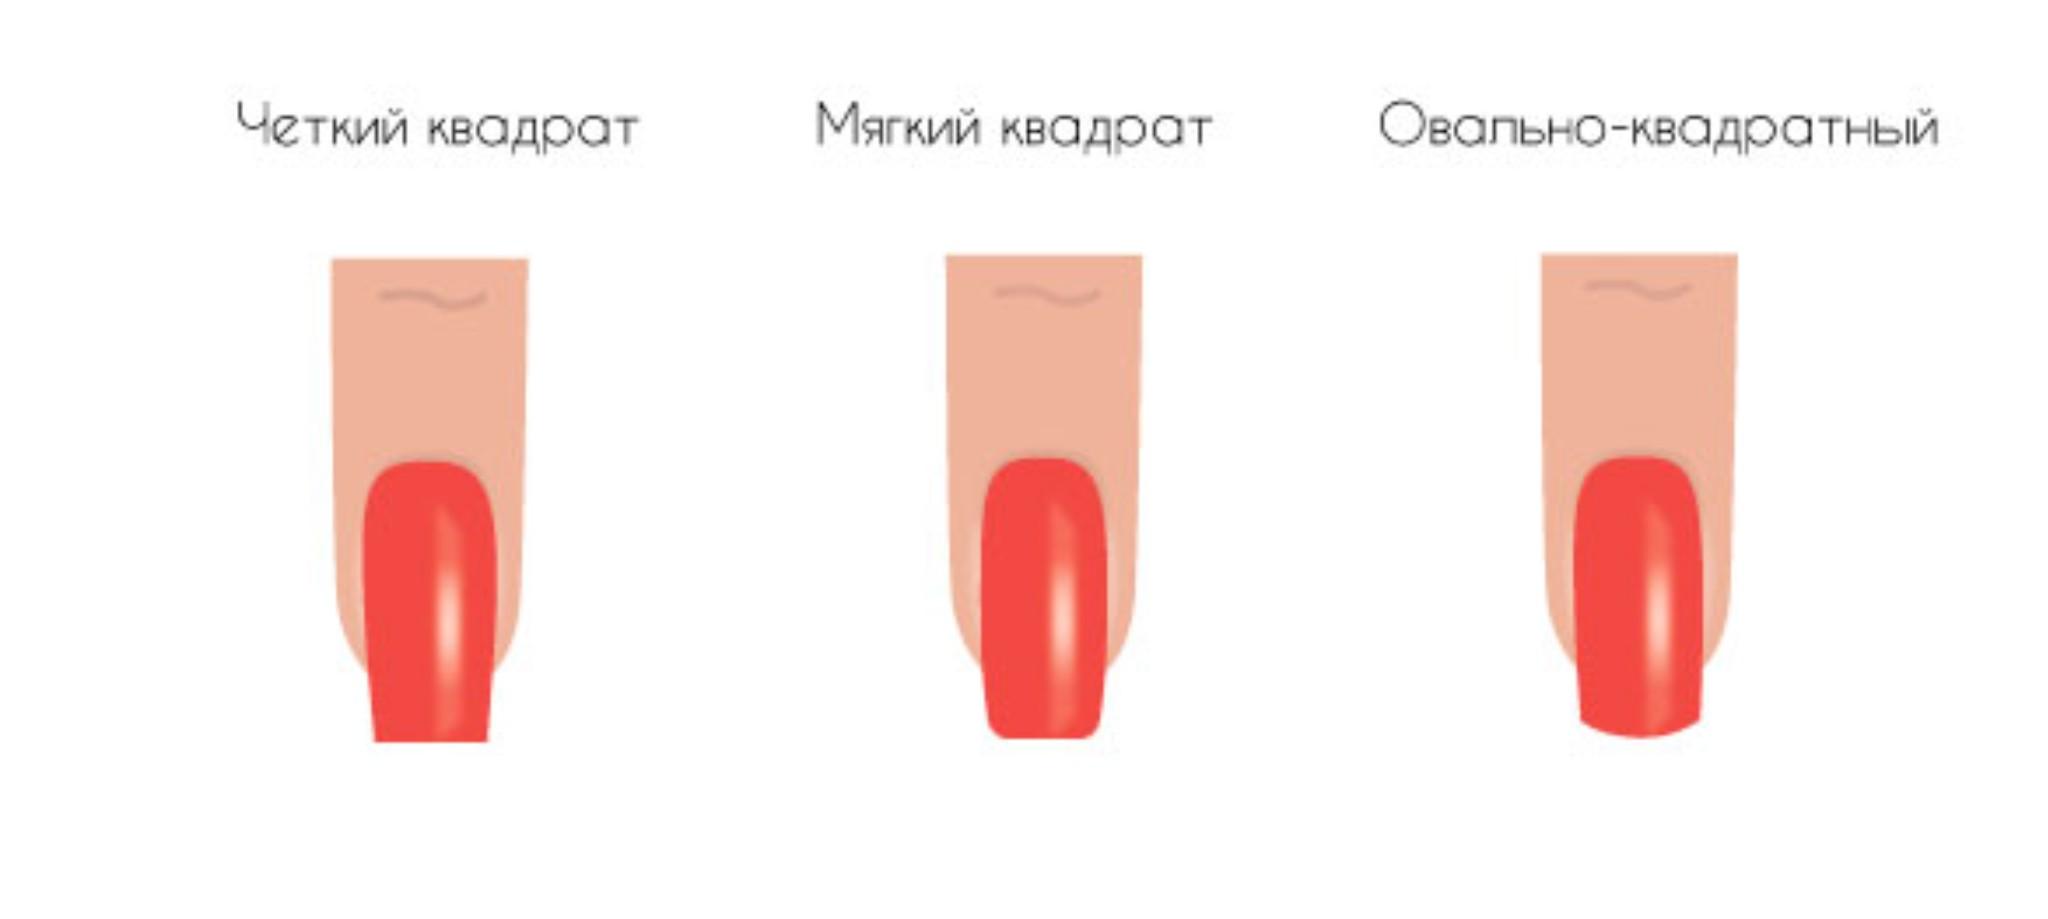 Маникюр на очень короткие ногти